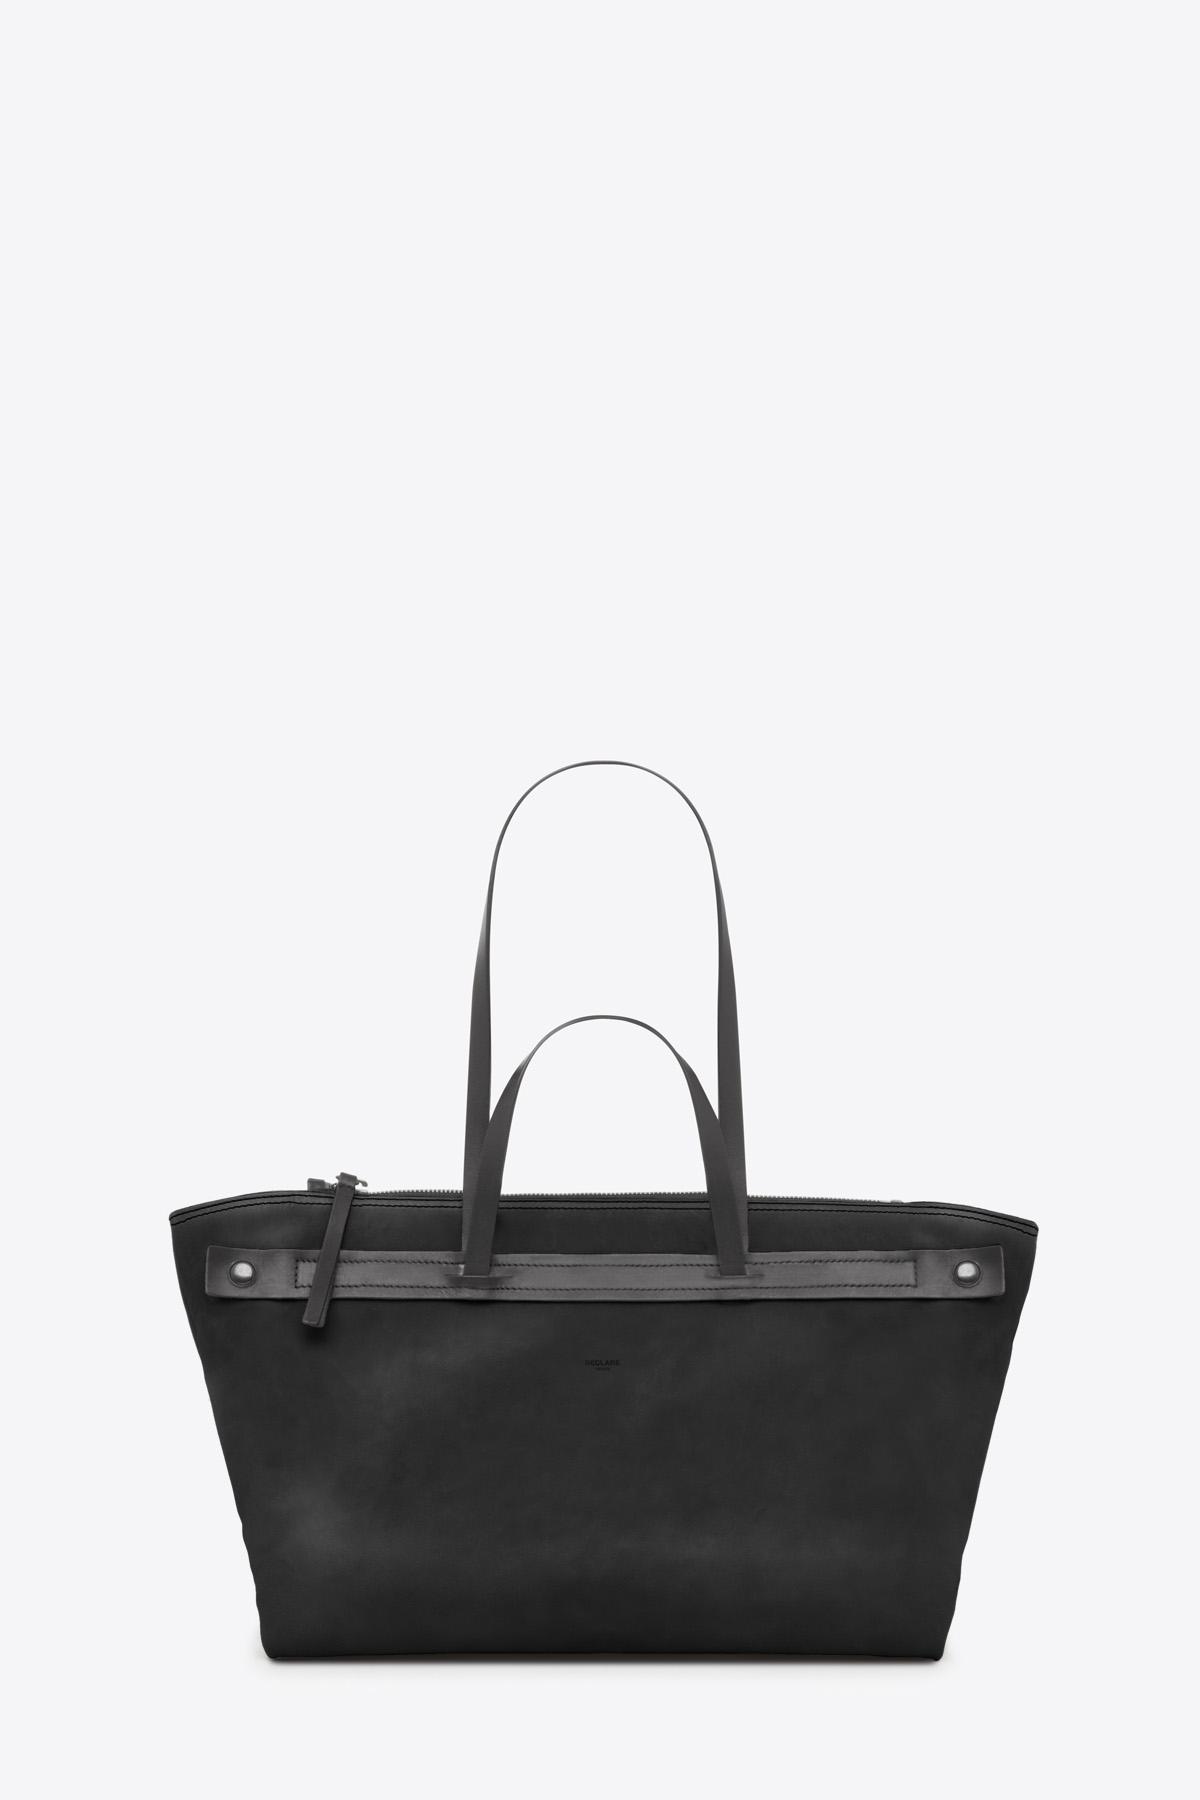 dclr007s-tote-a1-black-front2